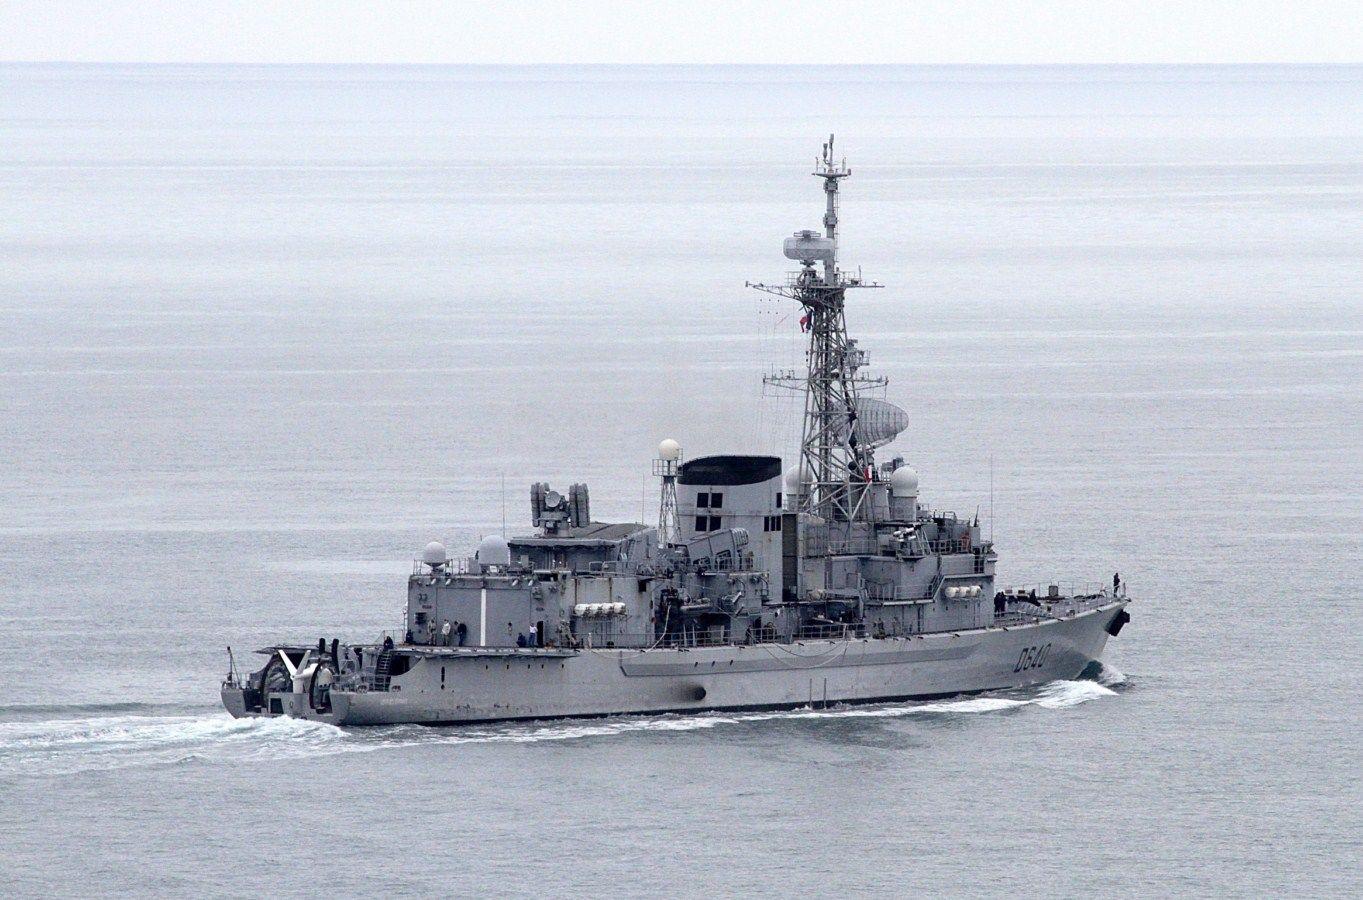 Frégate anti-sous-marine type F70 ASM Georges Leygues (D 640 - Équipage mixte)